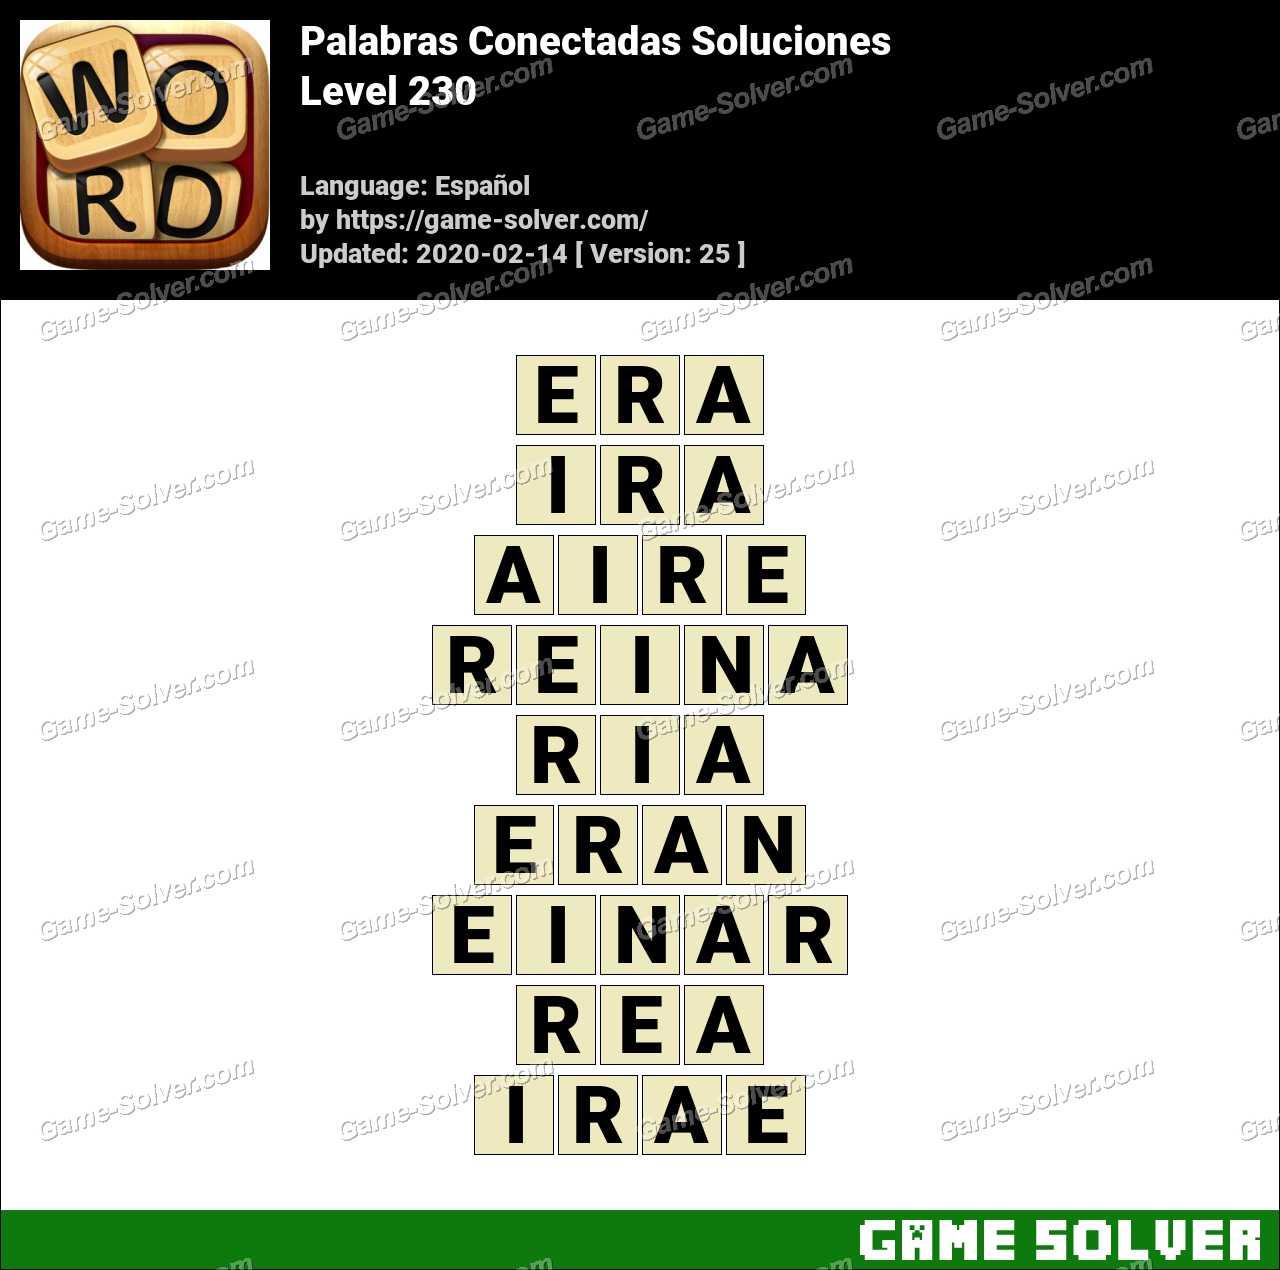 Palabras Conectadas Nivel 230 Soluciones